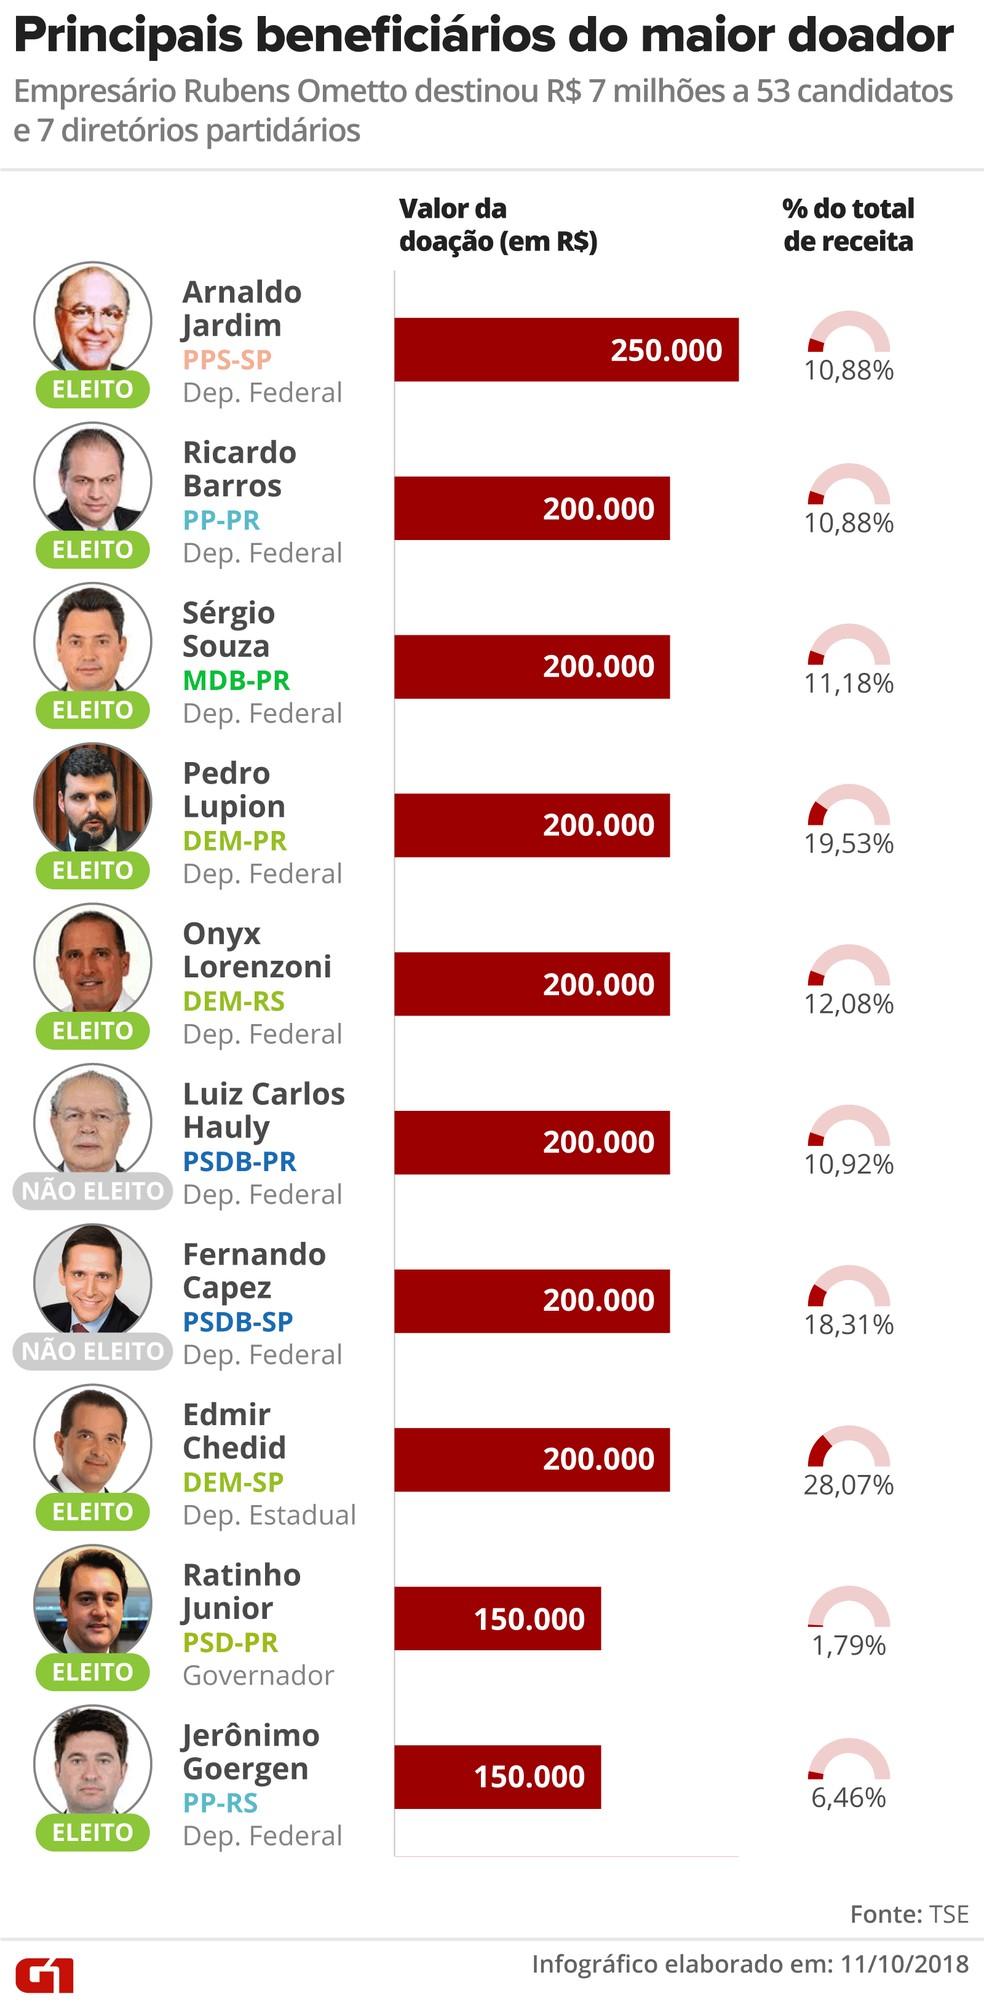 Principais beneficiários do maior doador: empresário Rubens Ometto destinou R$ 7 milhões a 53 candidatos e 7 diretórios partidários — Foto: Alexandre Mauro / G1